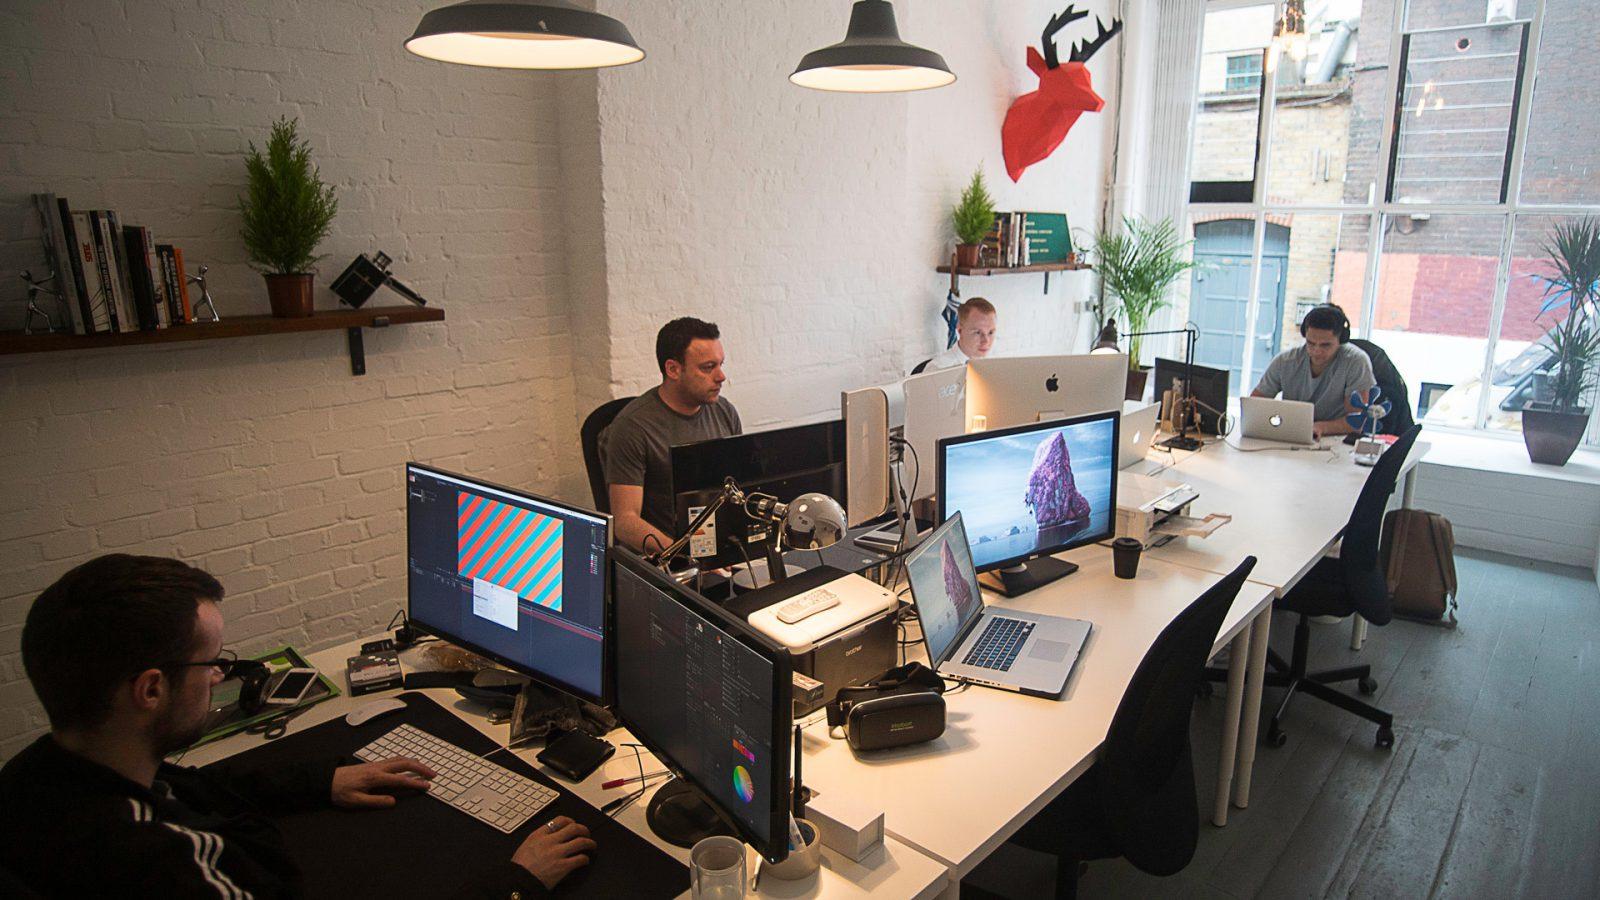 office-interior-web.jpg#asset:287:articleImages